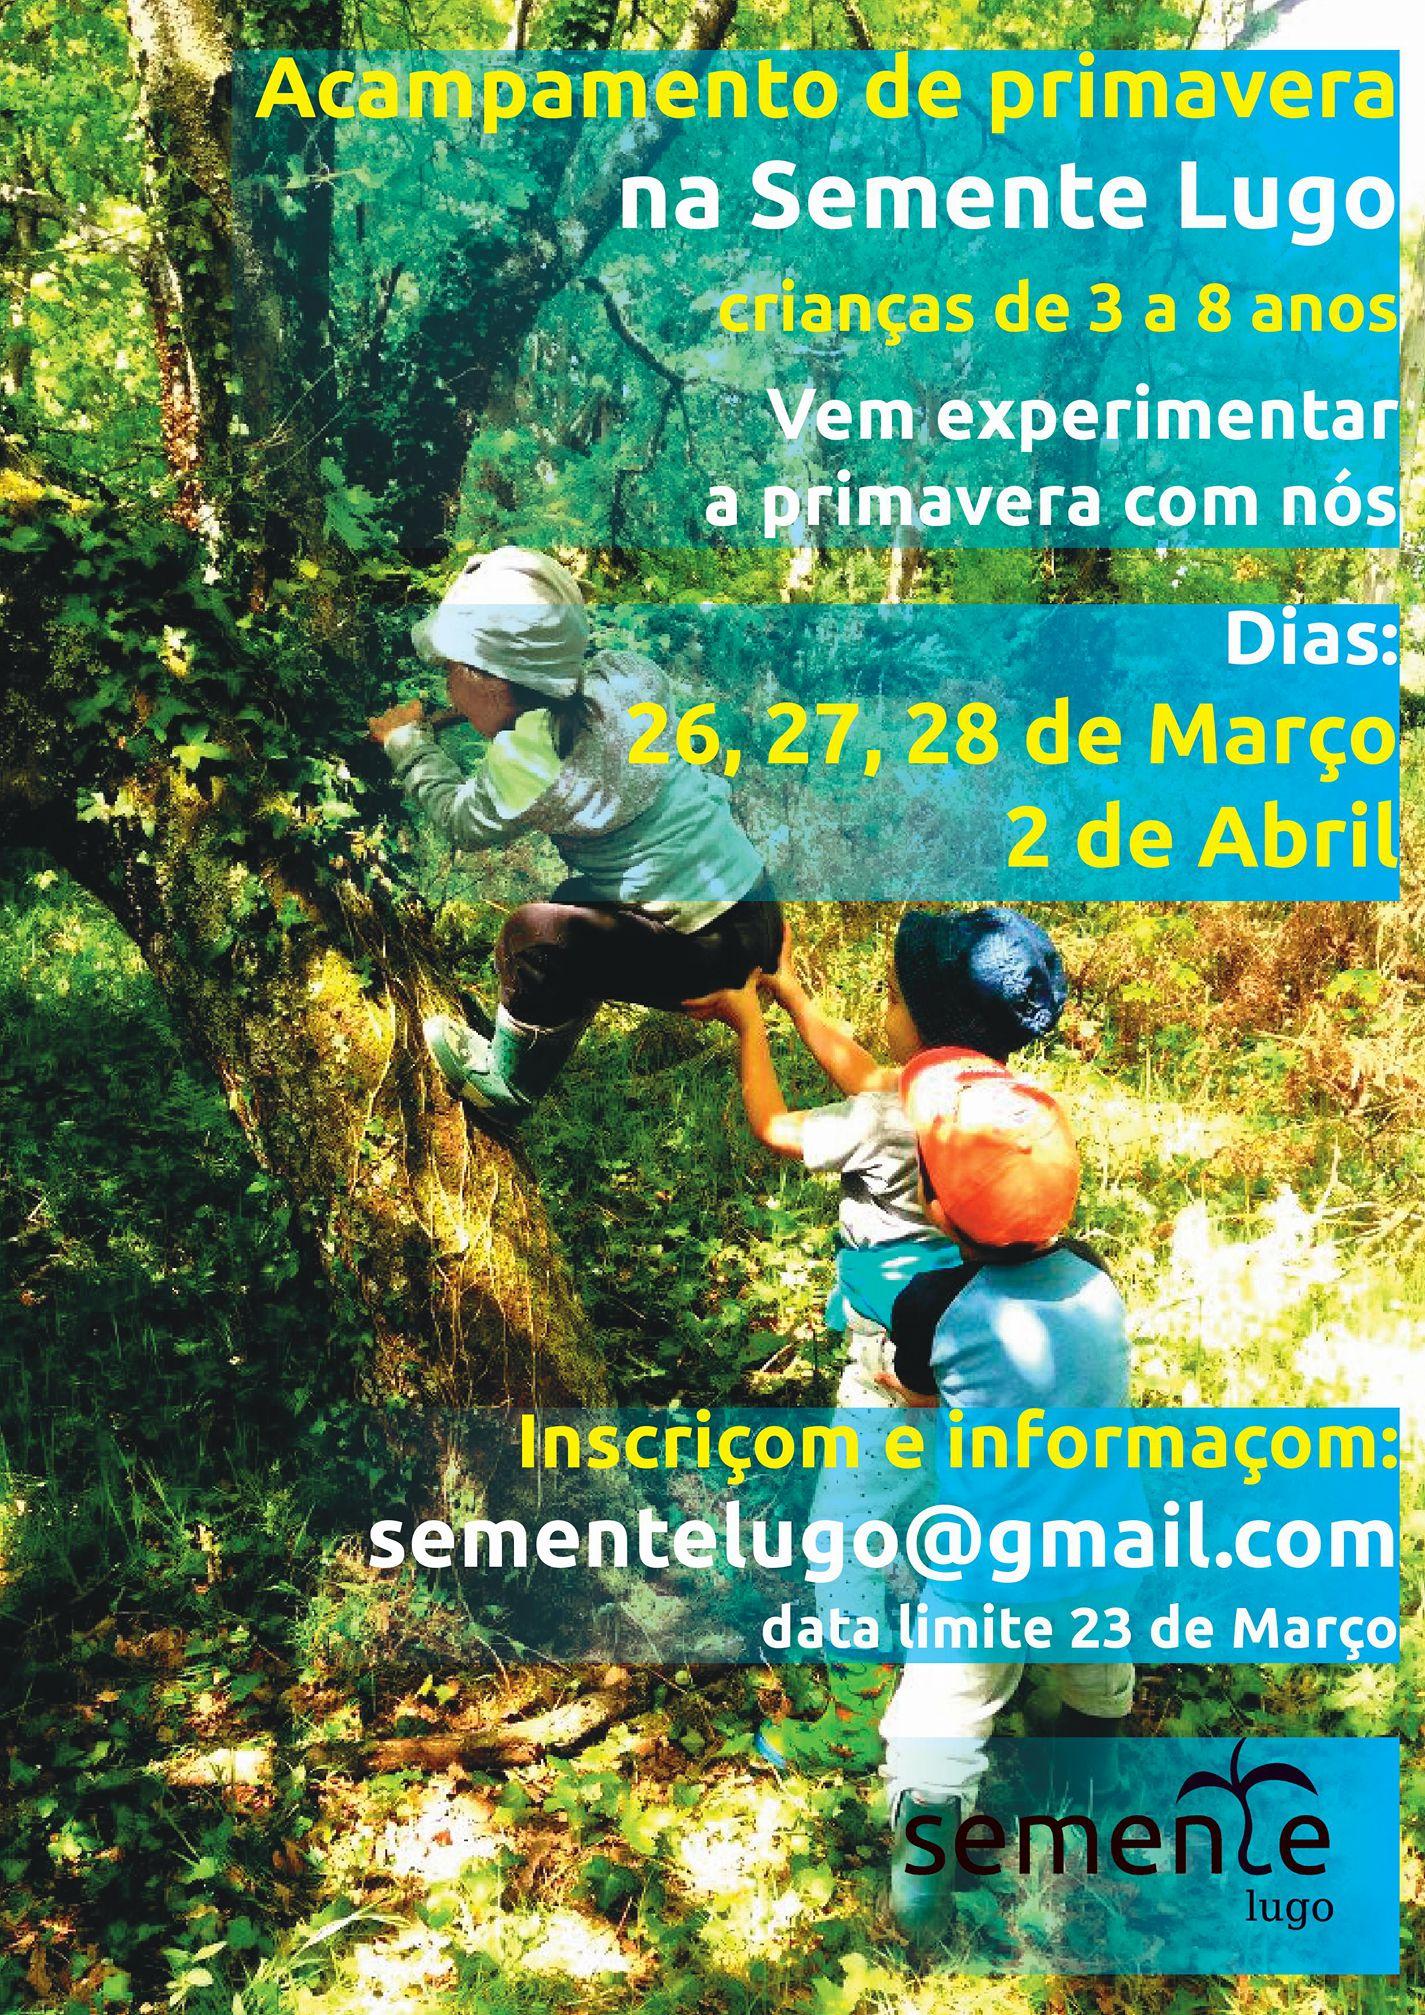 semente-cartaz-acampamento